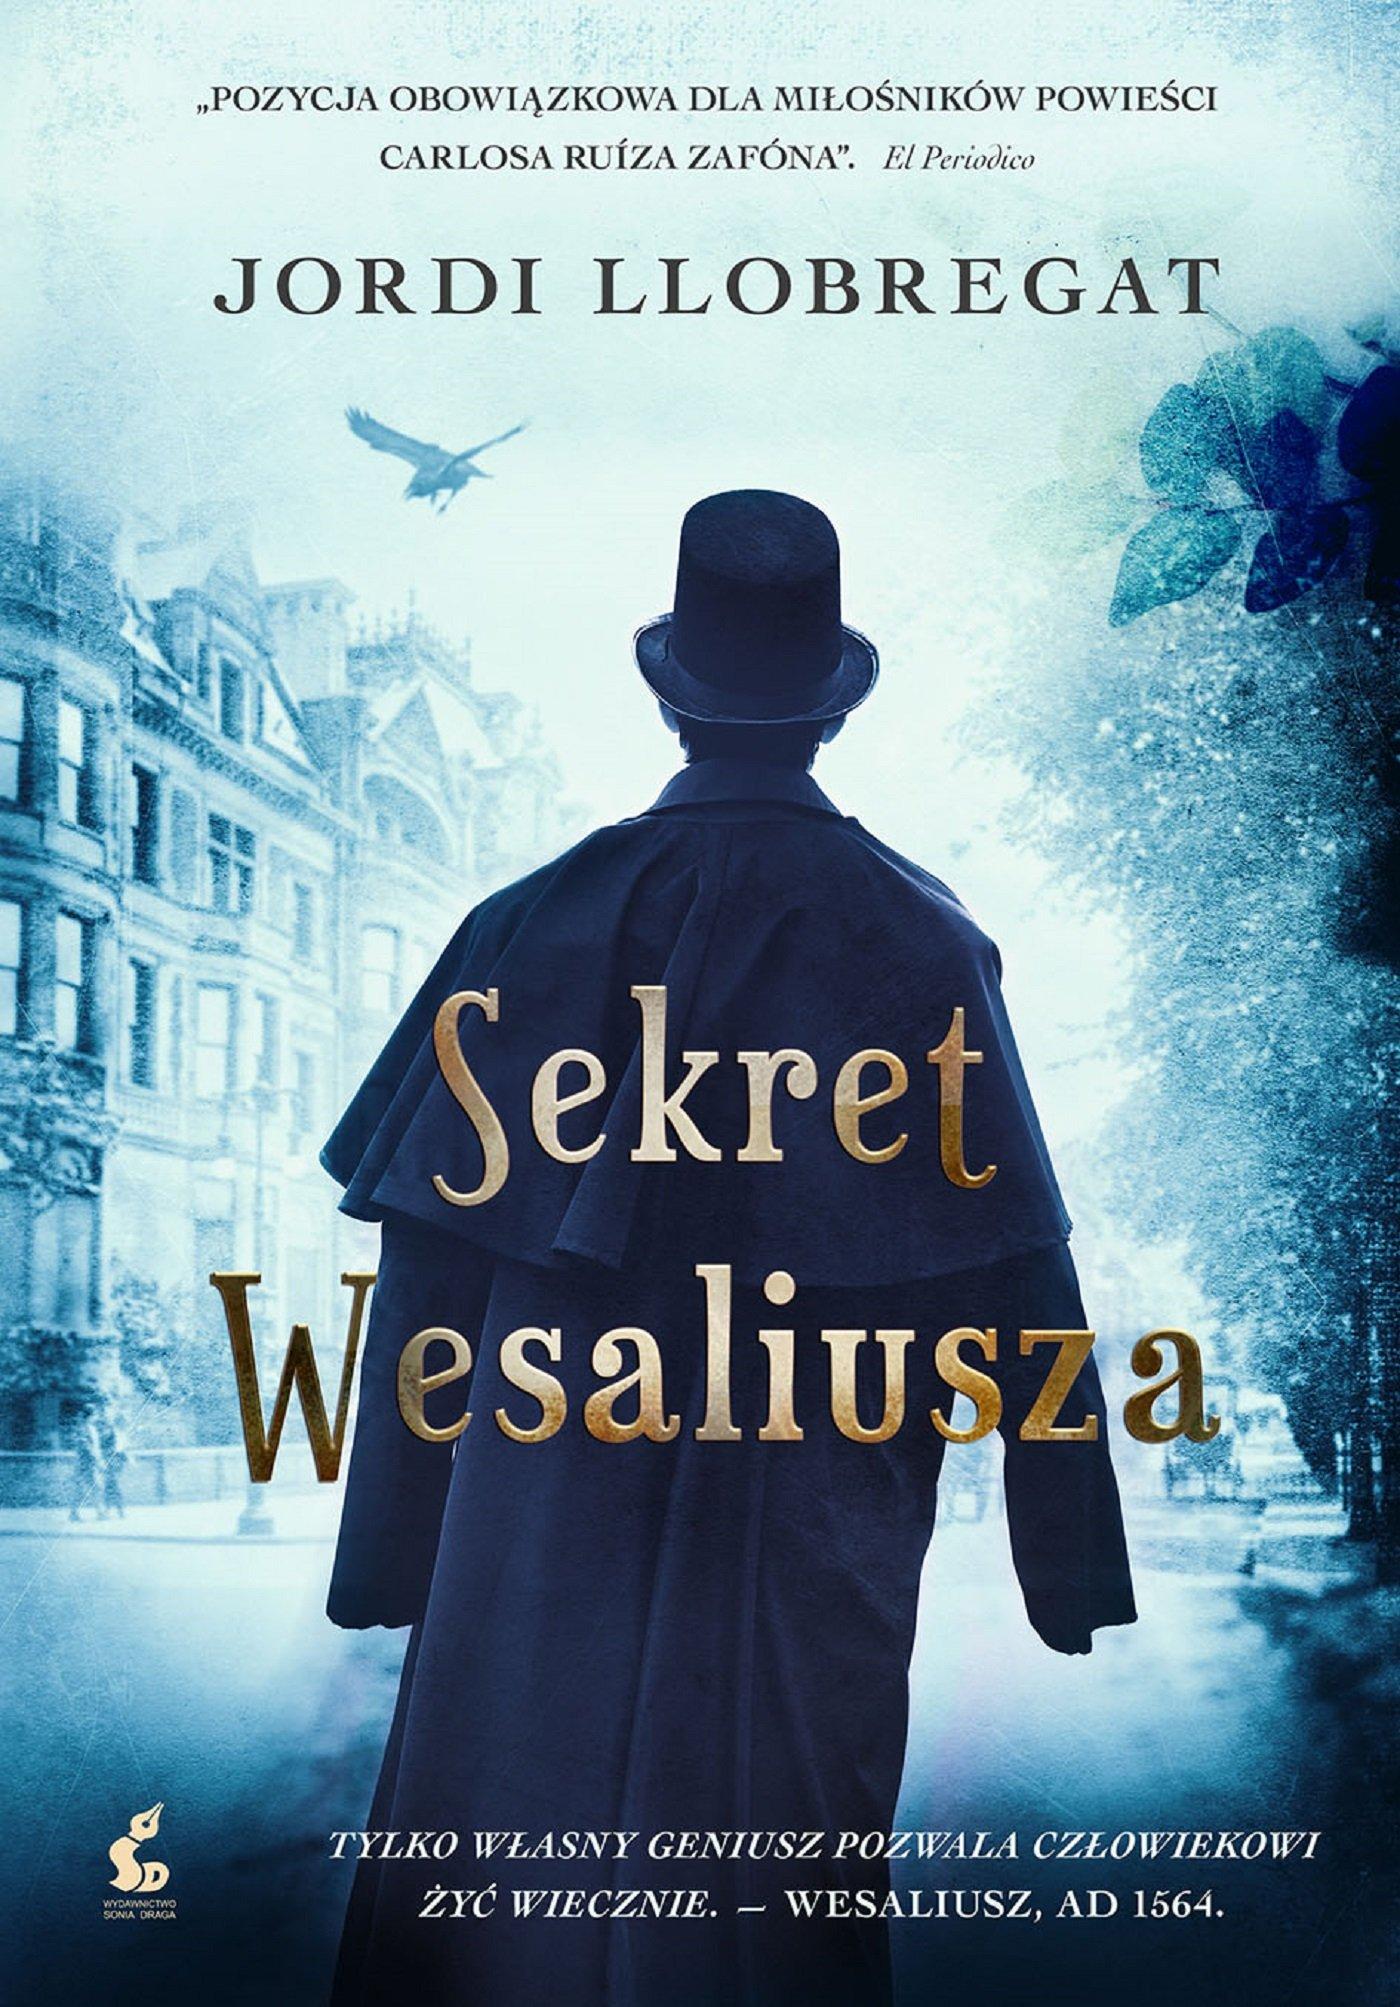 Sekret Wesaliusza - Ebook (Książka EPUB) do pobrania w formacie EPUB